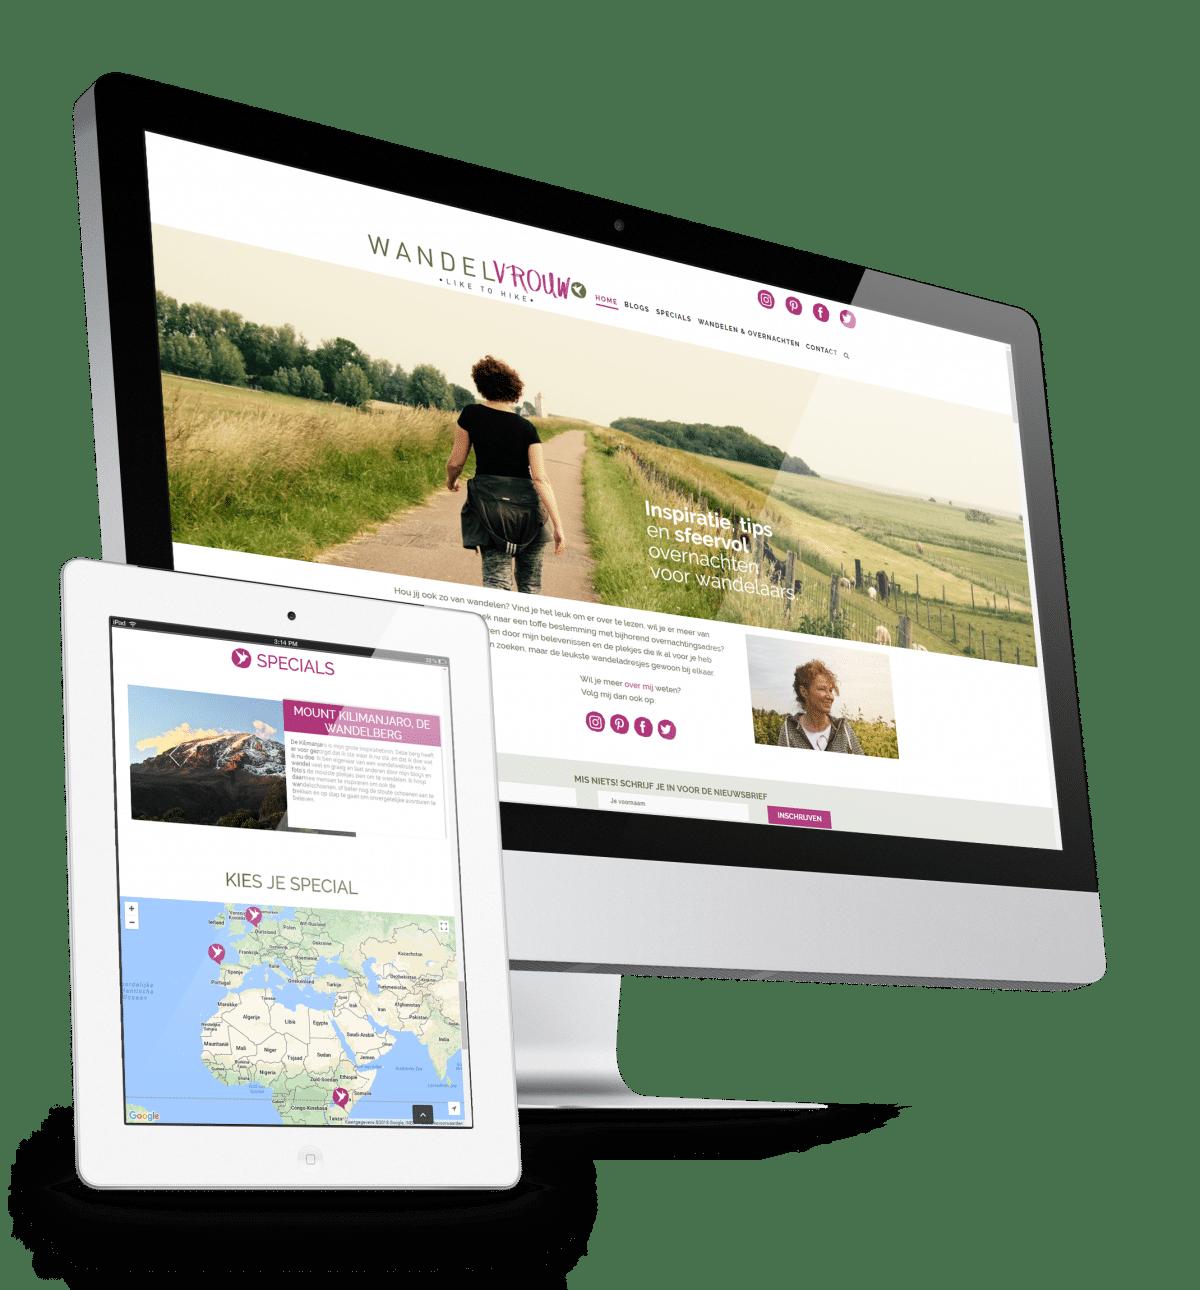 Wandelvrouw.nl, website, webshop, affiliates, custom kaarten etc. etc.